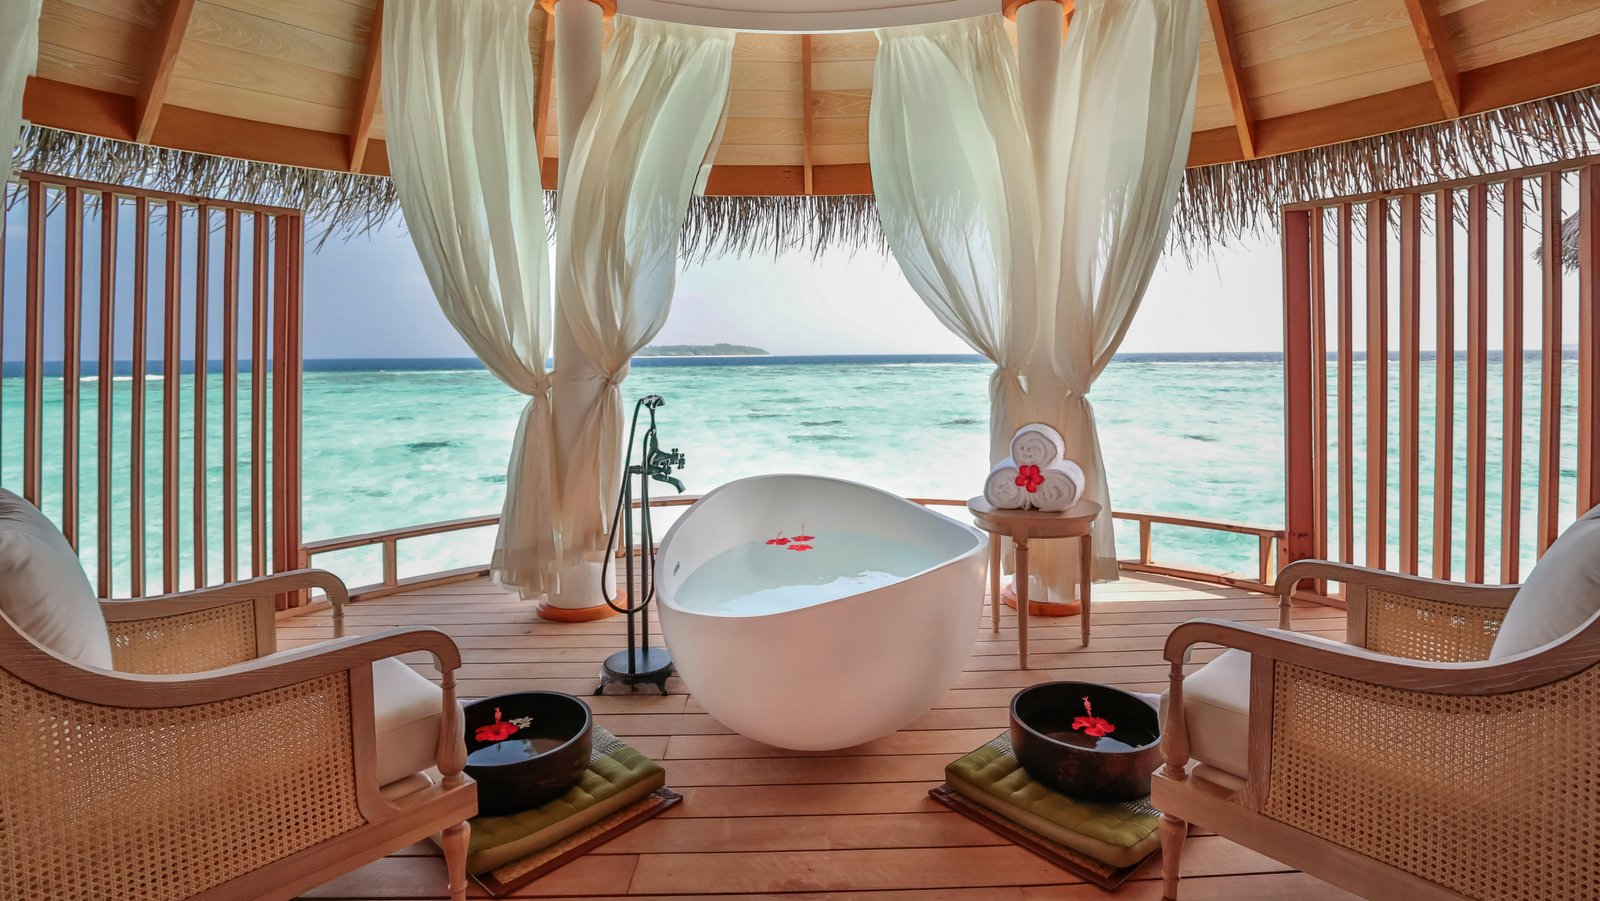 Мальдивы, отель Milaidhoo Island Maldives, спа